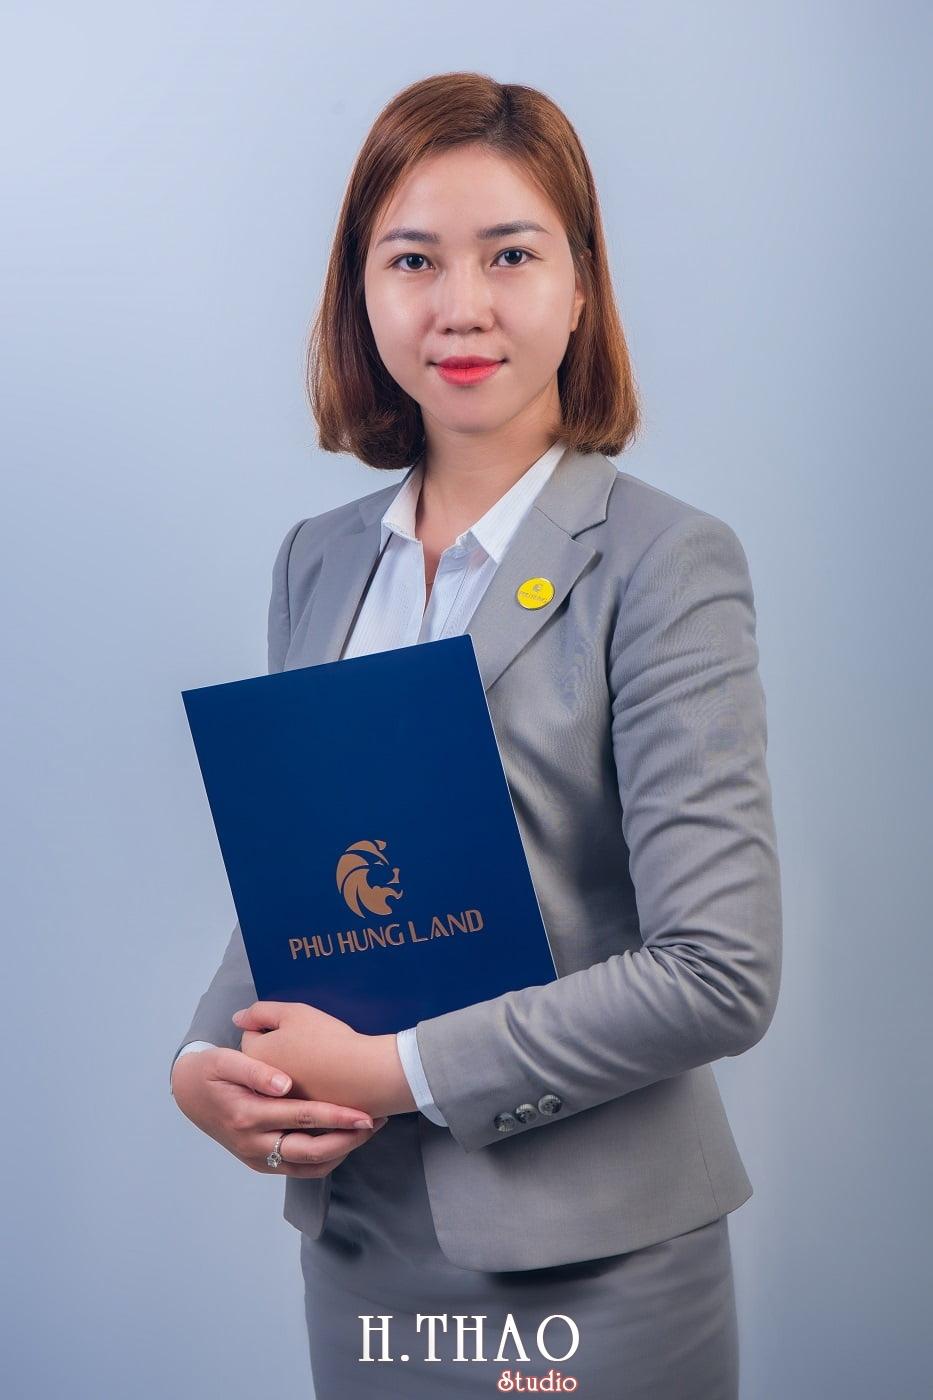 Phu Hung Land 5 - Album ảnh profile nhân sự công ty Phu Hung Land – HThao Studio